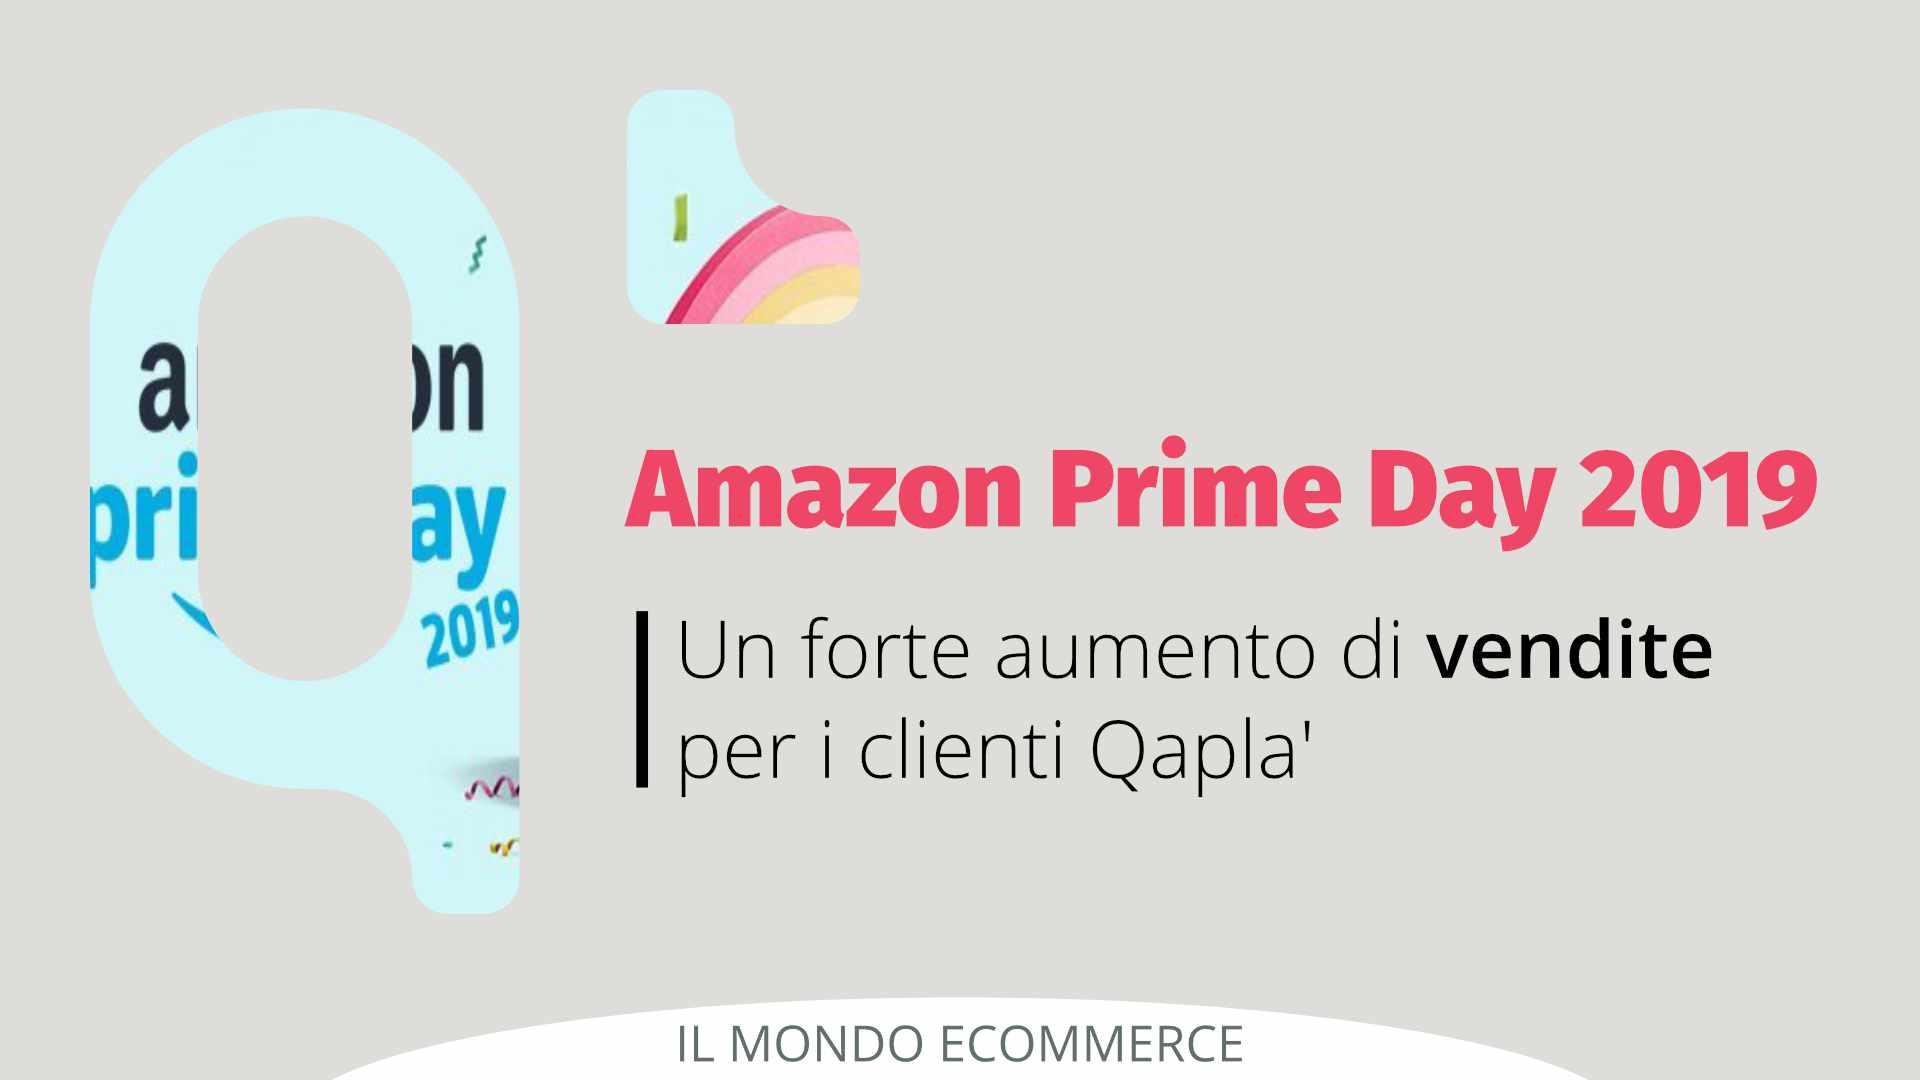 Amazon Prime Day 2019: boom di vendite per i clienti Qapla'